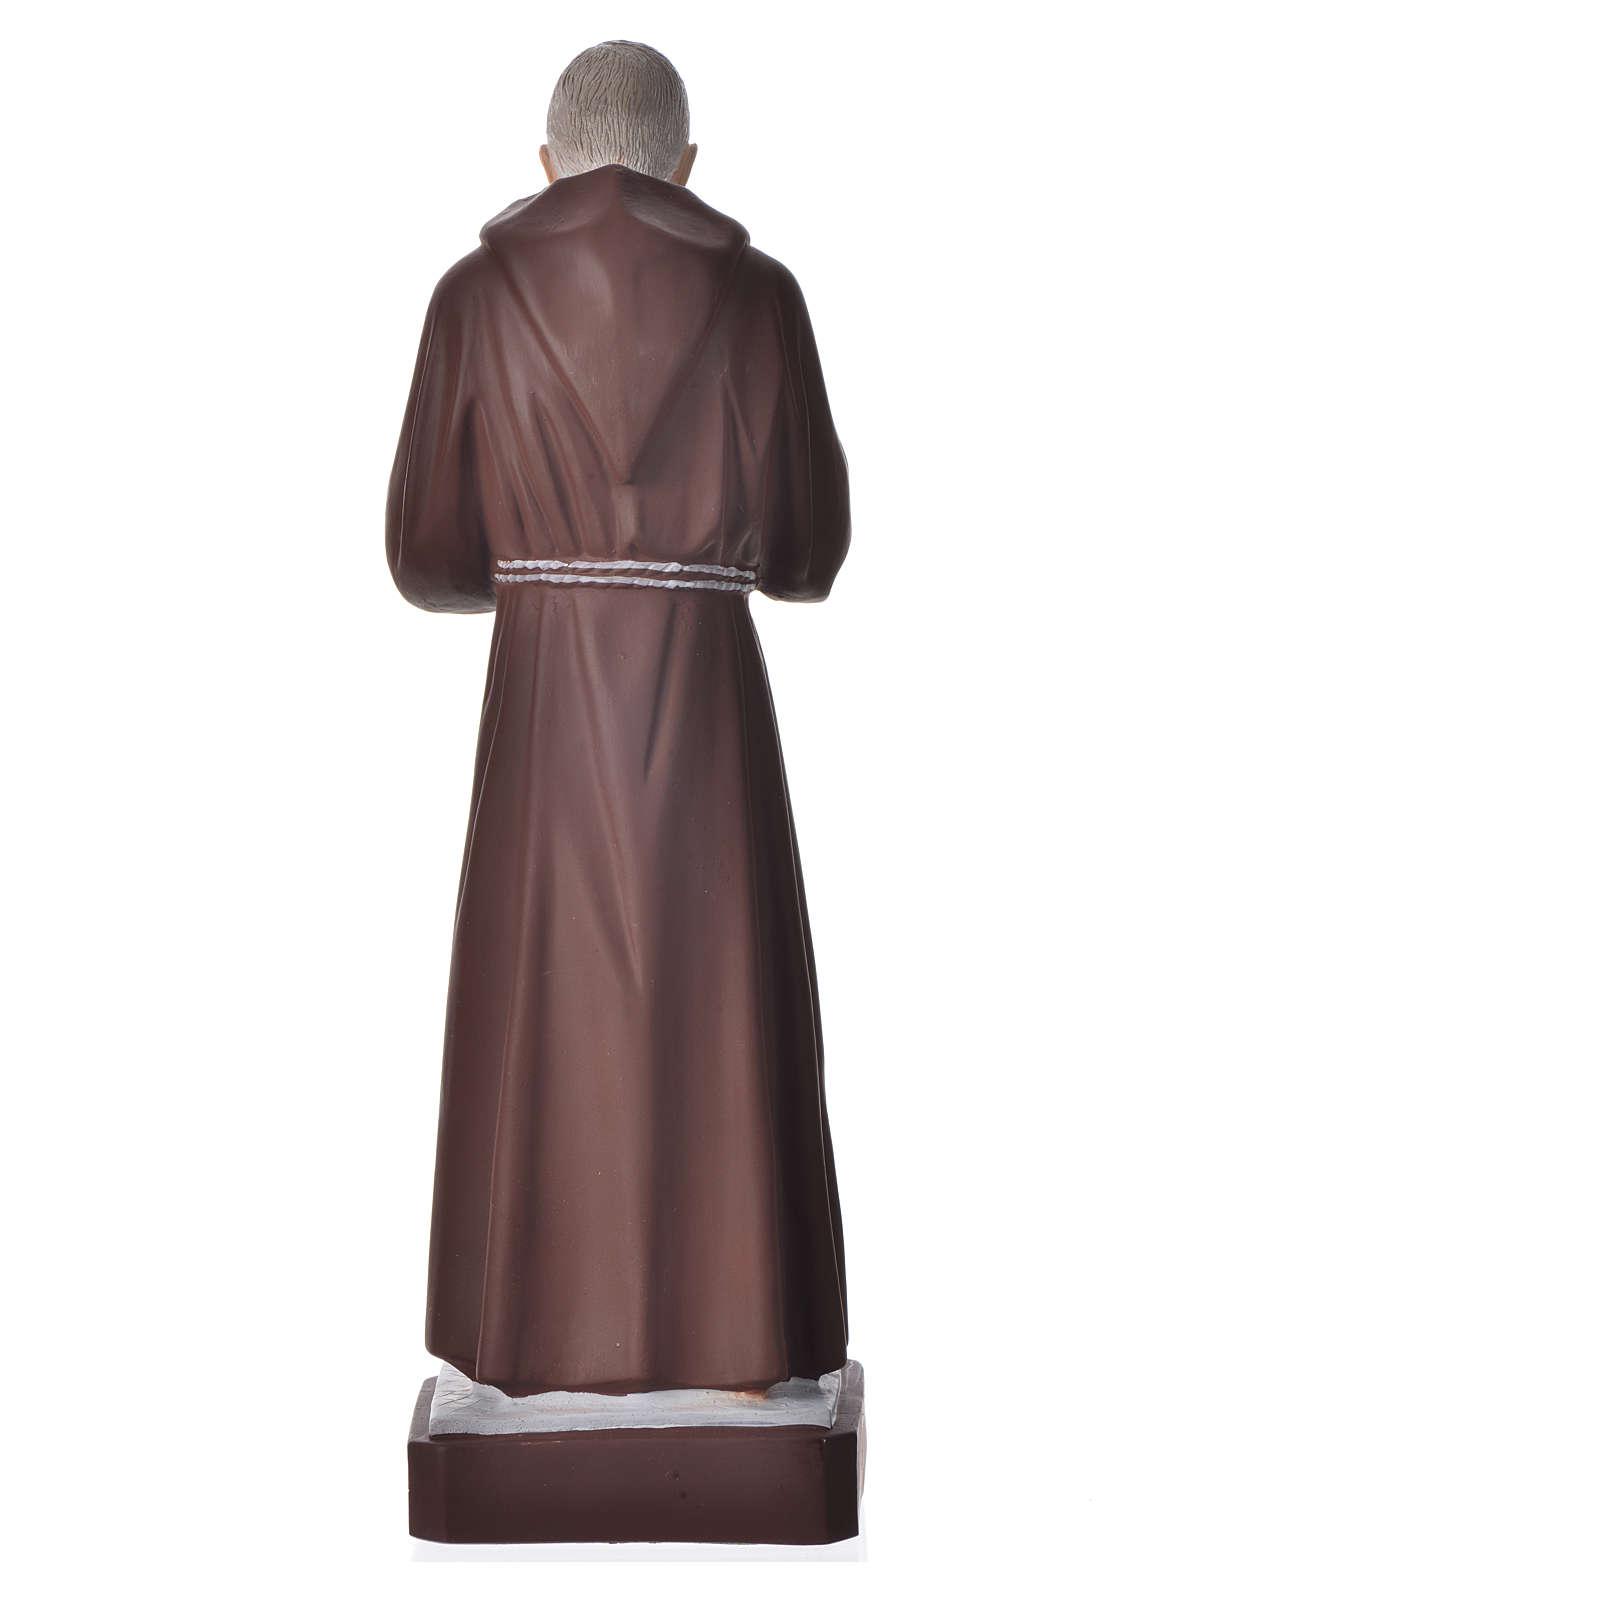 Statue Padre Pio 30 cm pvc incassable 4